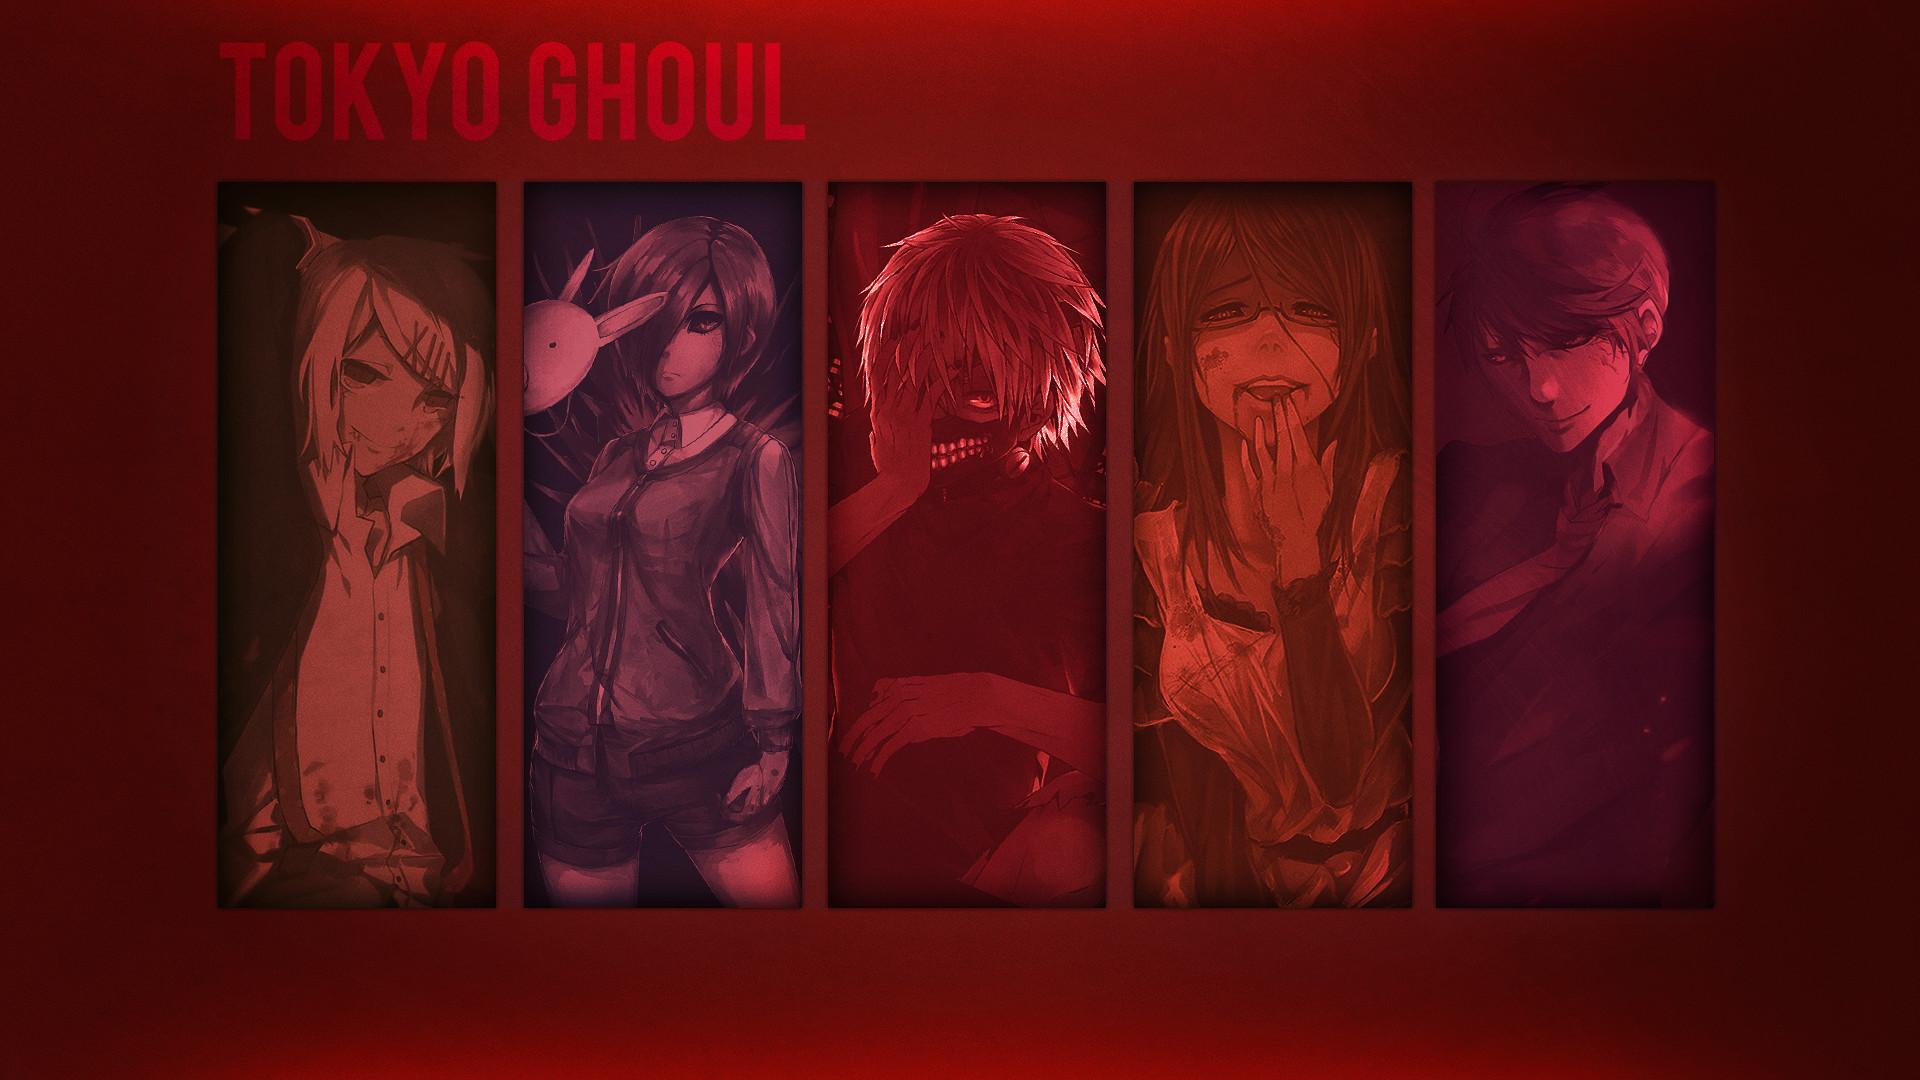 Anime – Tokyo Ghoul Ken Kaneki Juuzou Suzuya ShÅ« Tsukiyama Rize Kamishiro  Touka Kirishima Wallpaper